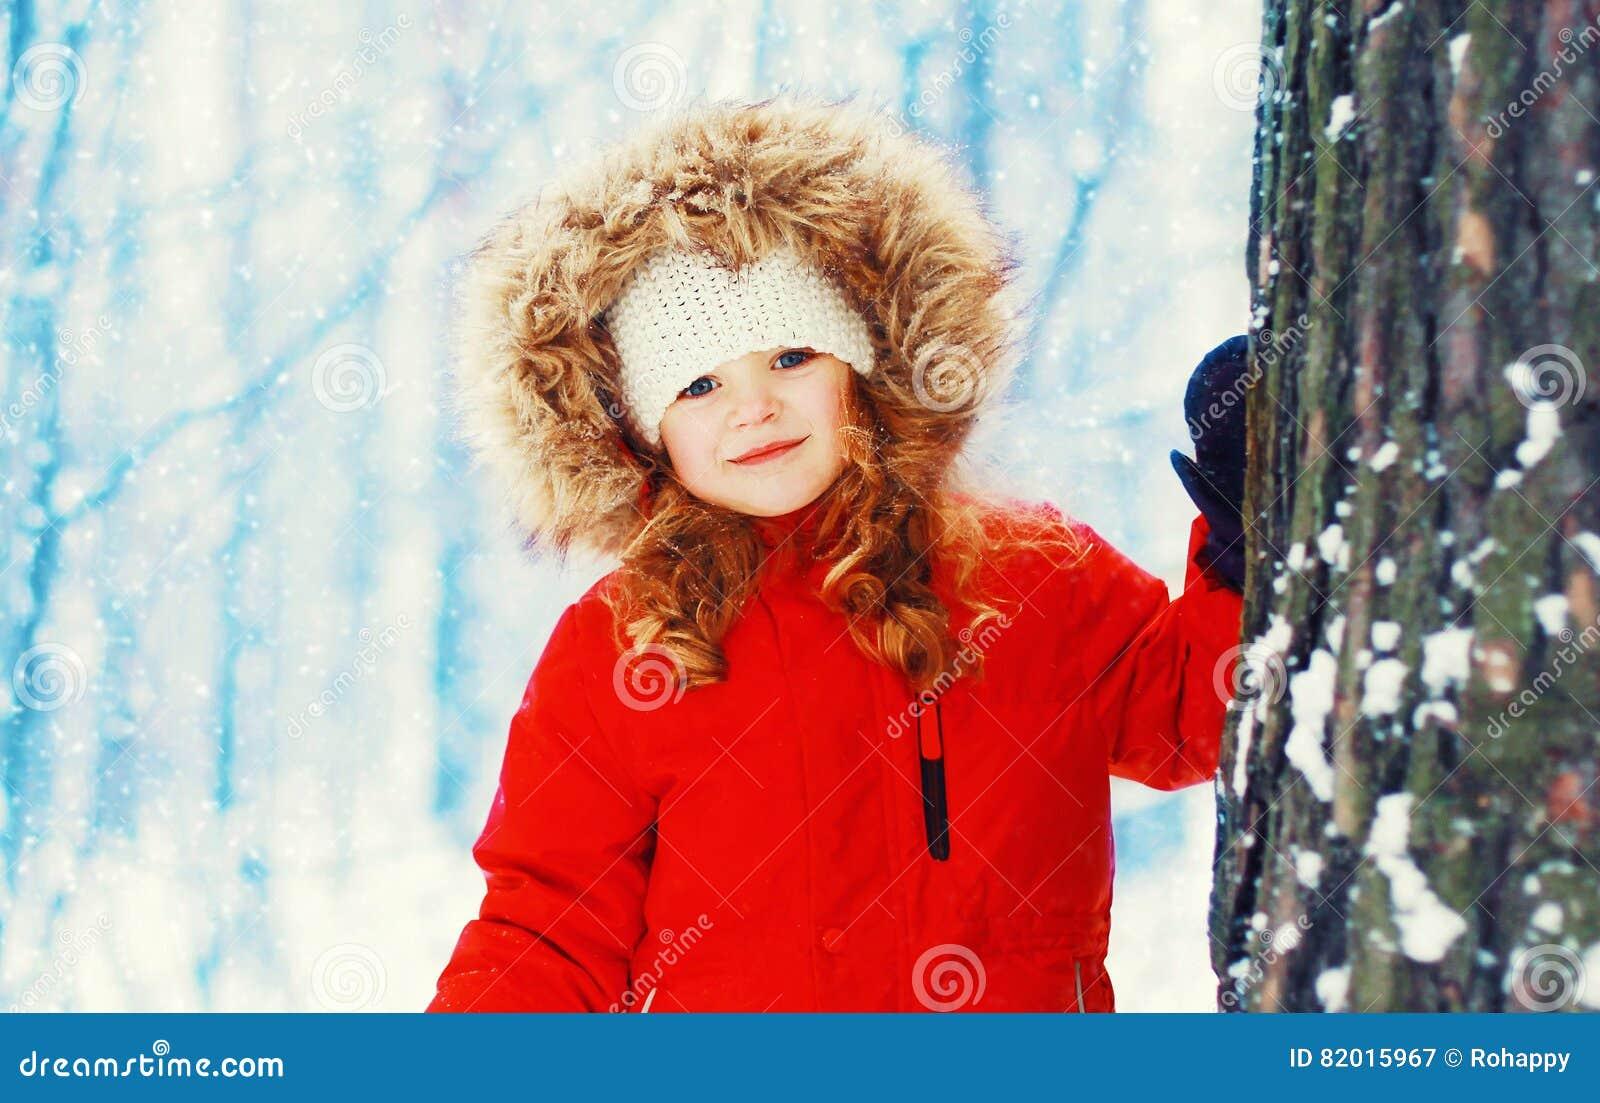 Enfant de sourire heureux de petite fille de portrait d hiver près d arbre au-dessus de neigeux